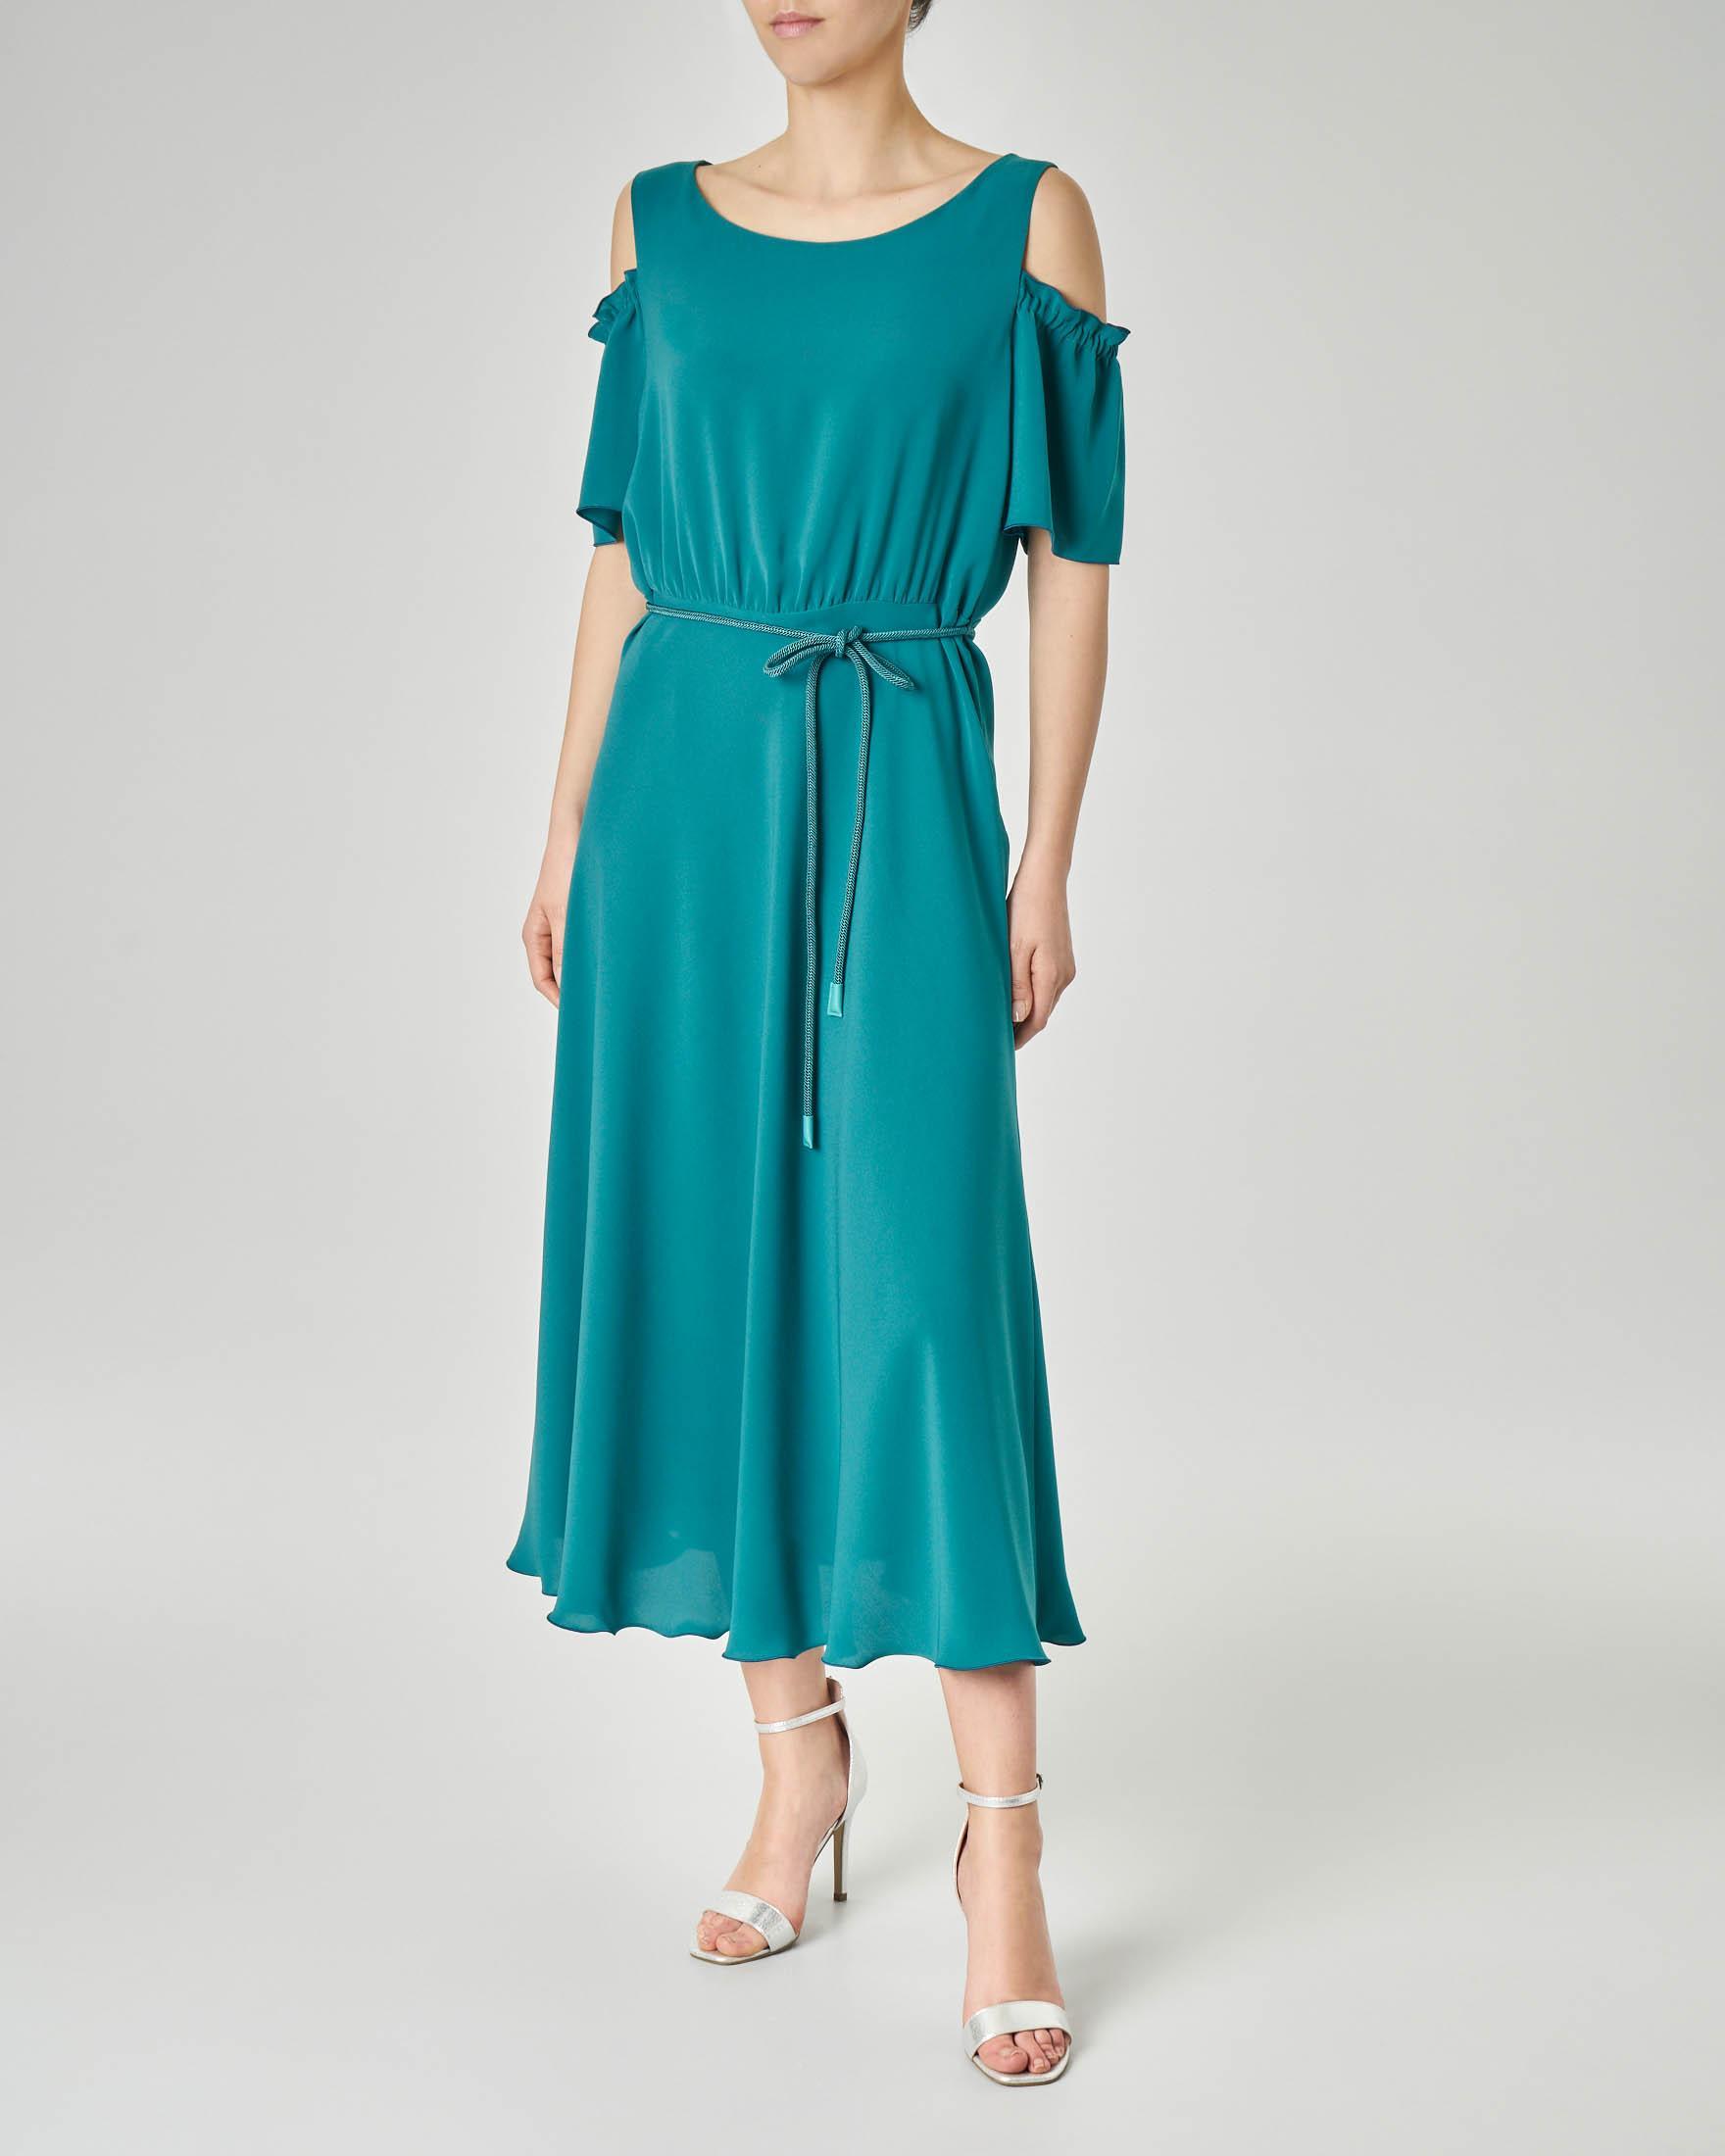 Abito midi color smeraldo in tessuto effetto crêpe di seta con apertura sulle spalle